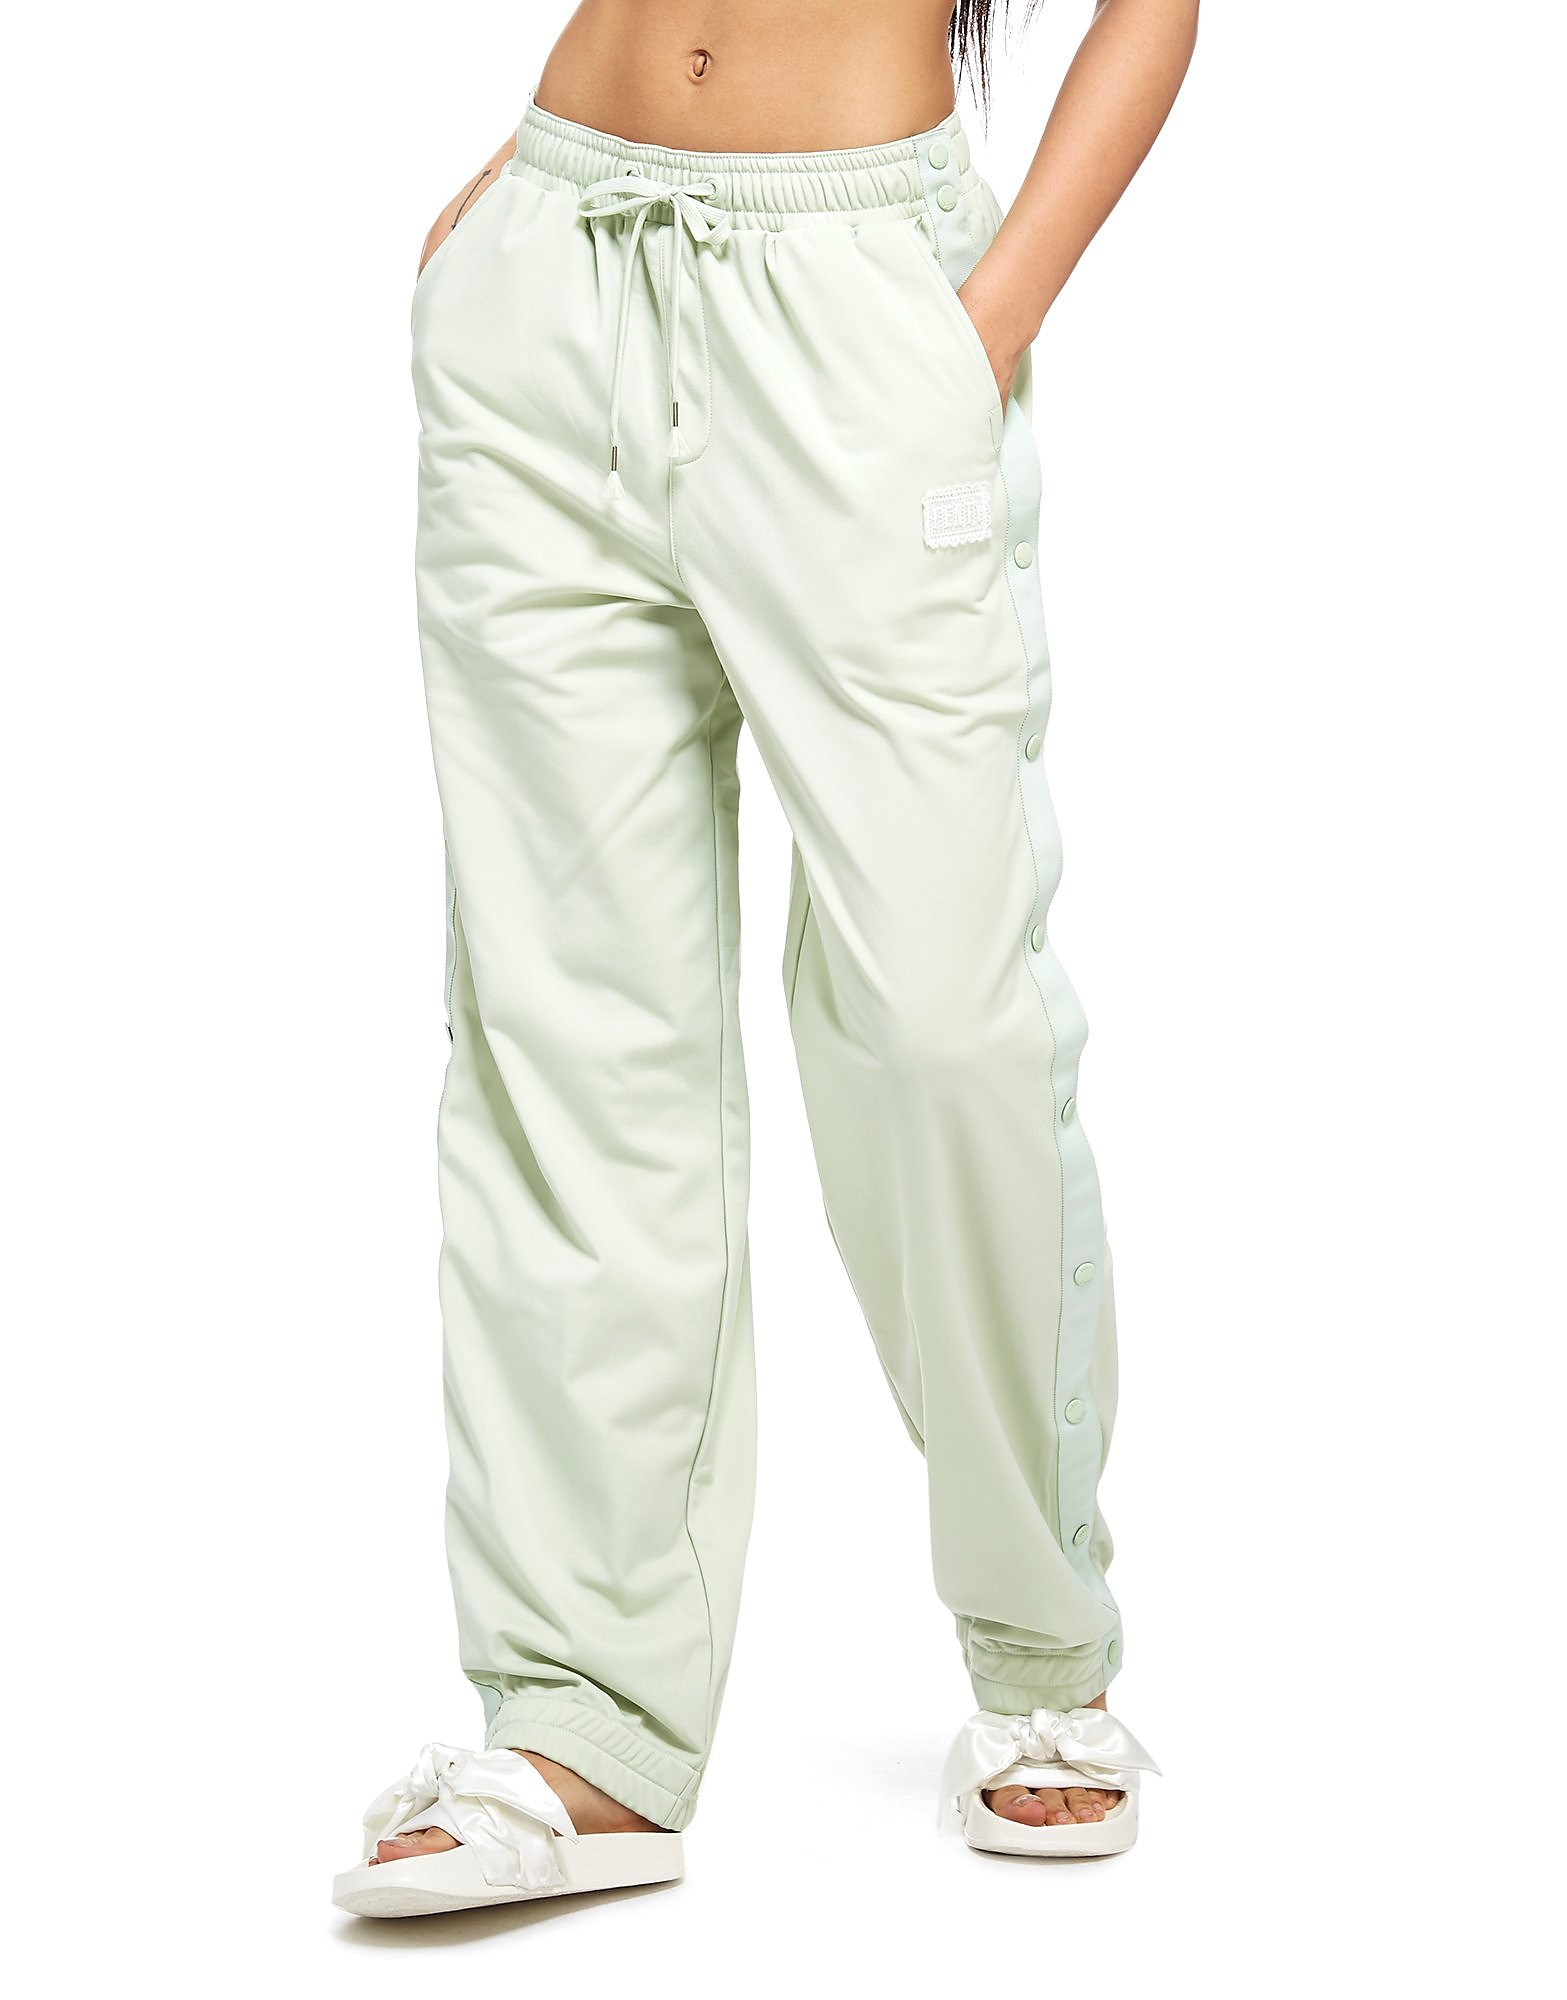 PUMA Pantalon de survêtement x Fenty Femme